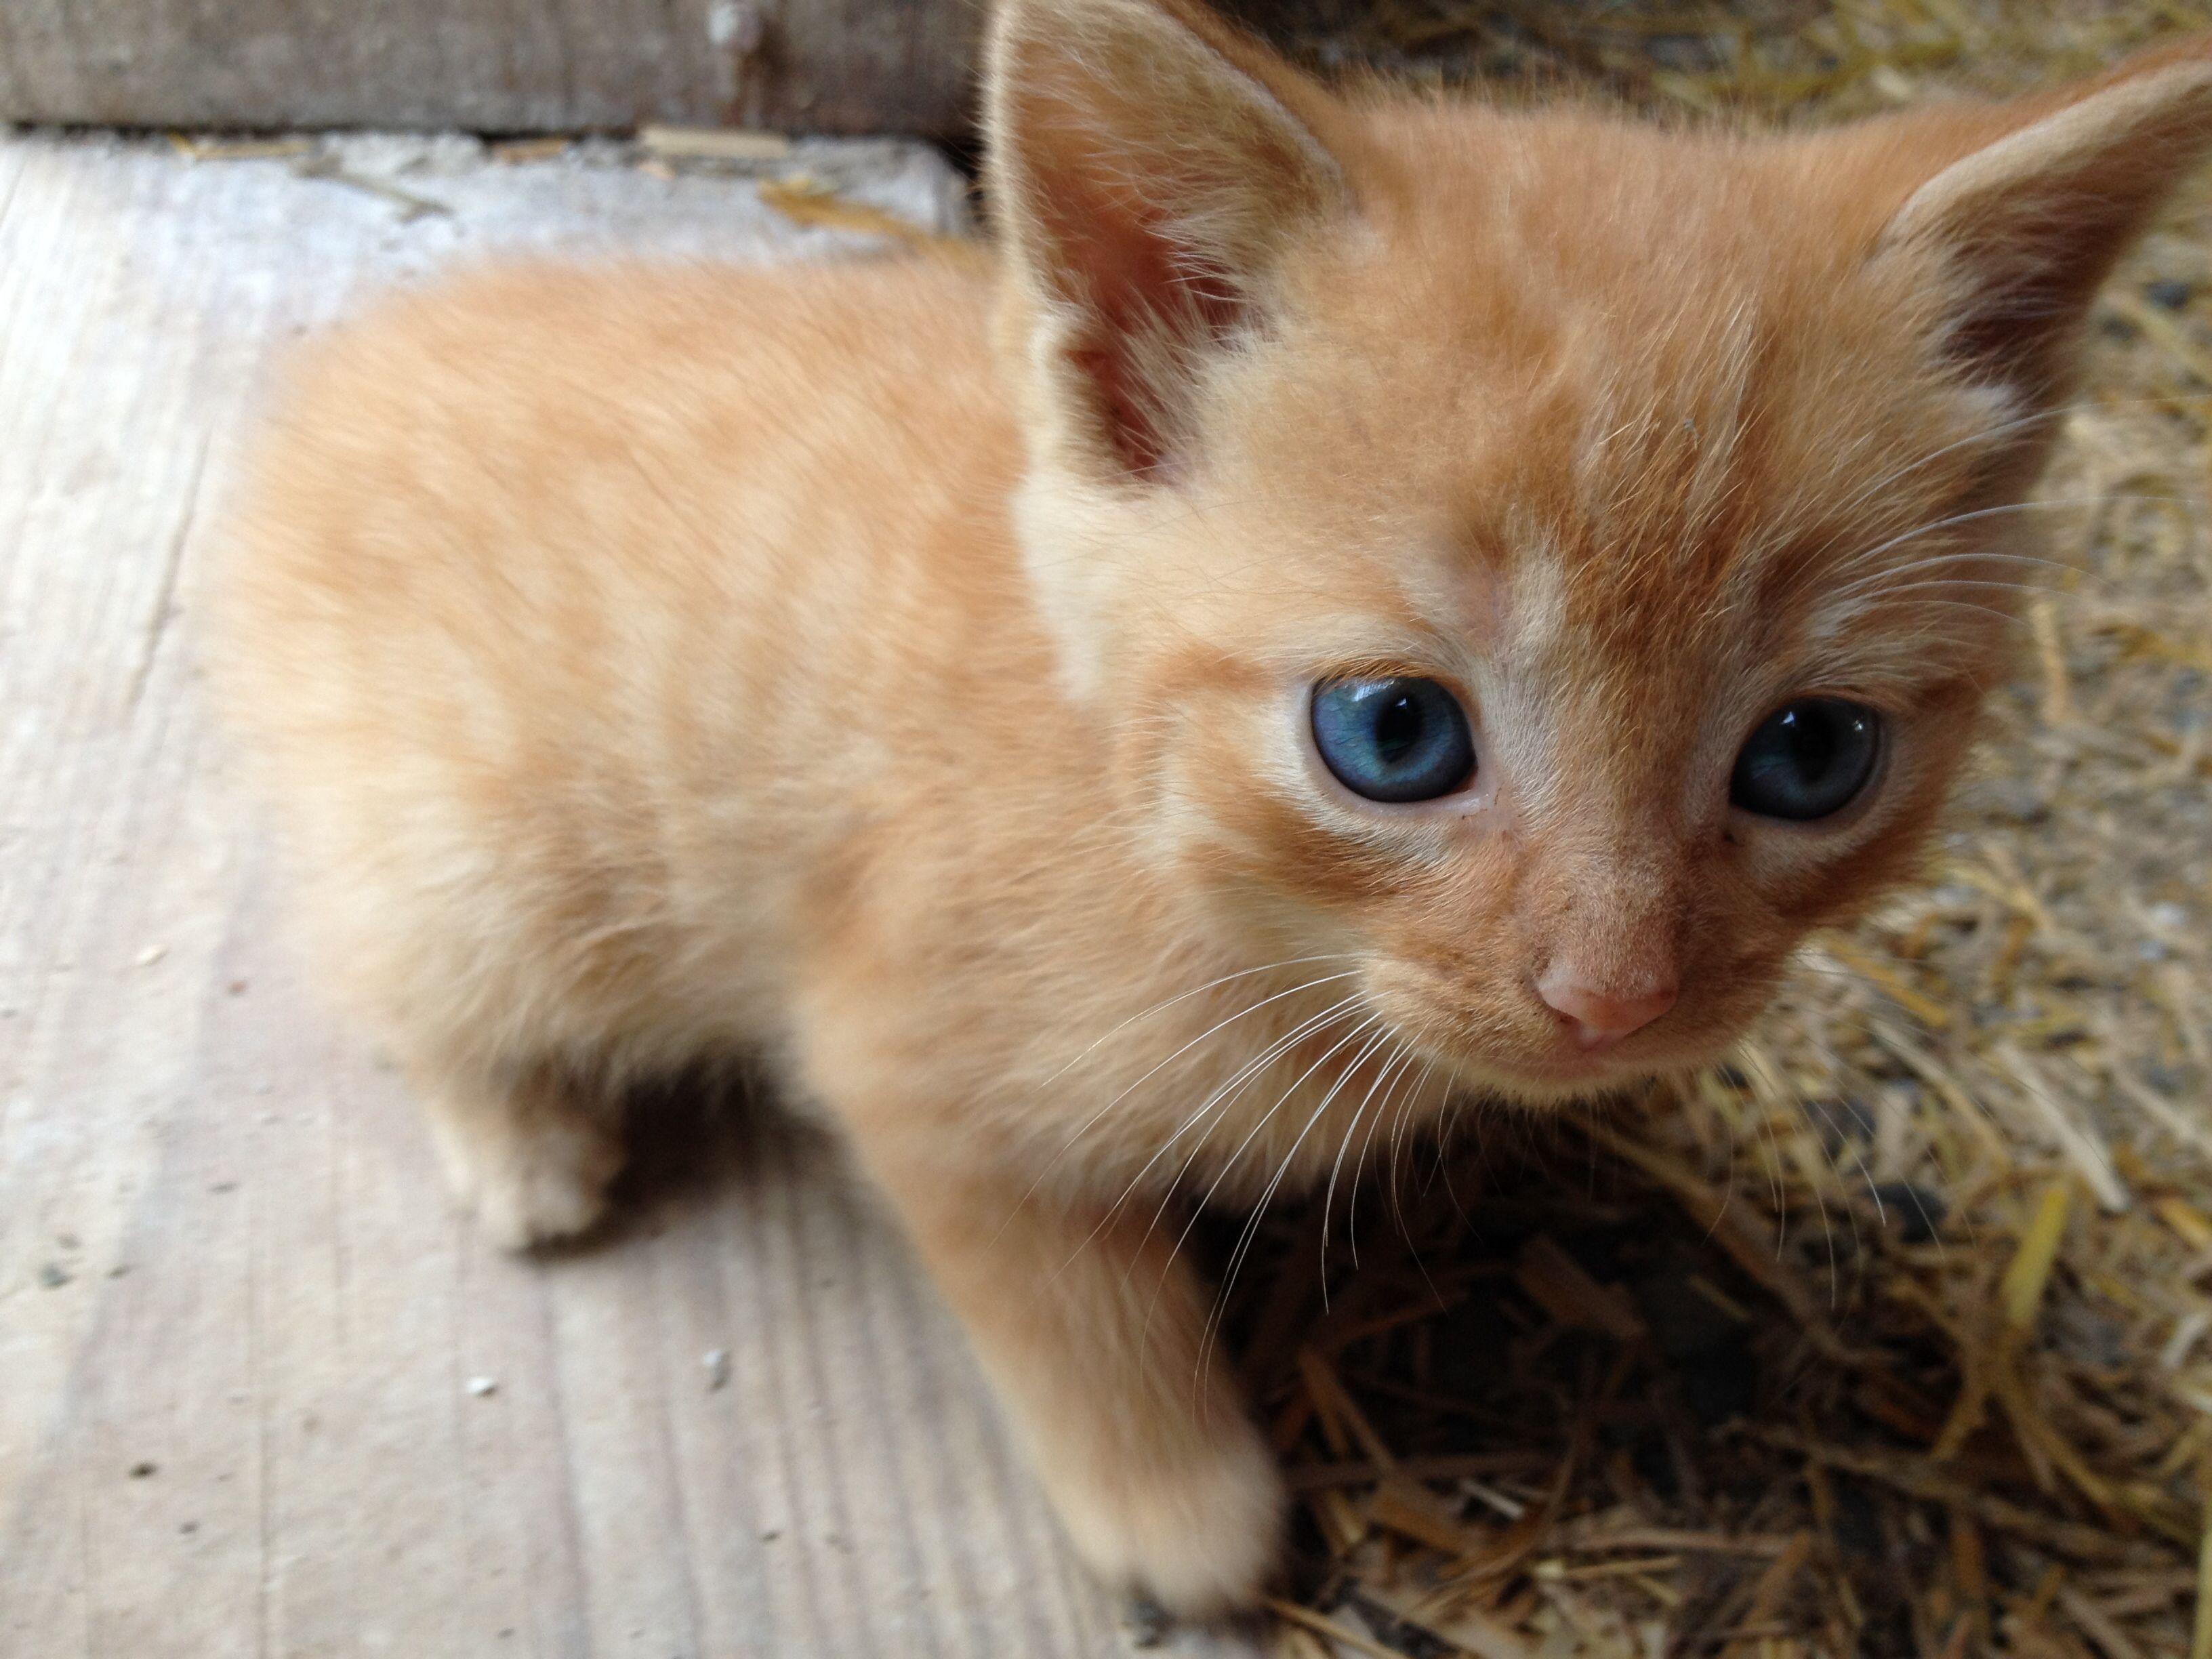 Cute barn kitten animals kittens